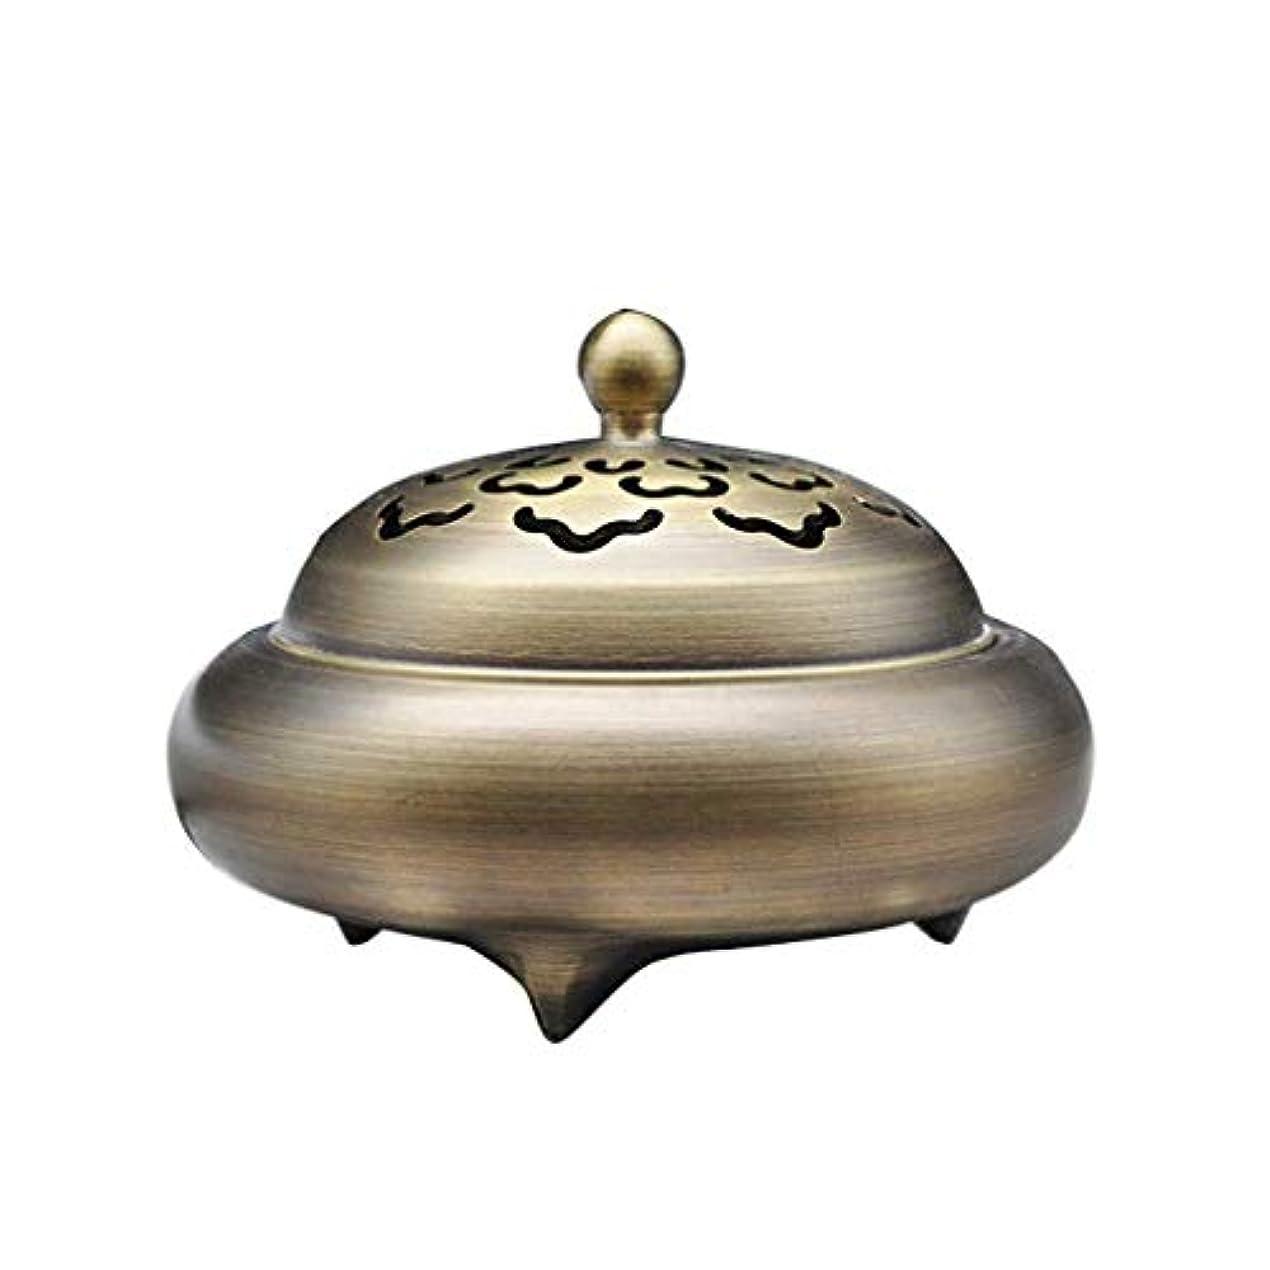 権限を与える未満納得させる芳香器?アロマバーナー レトロバーナー純銅香バーナーホーム屋内白檀炉香バーナー香道路装飾 アロマバーナー芳香器 (Color : Brass)